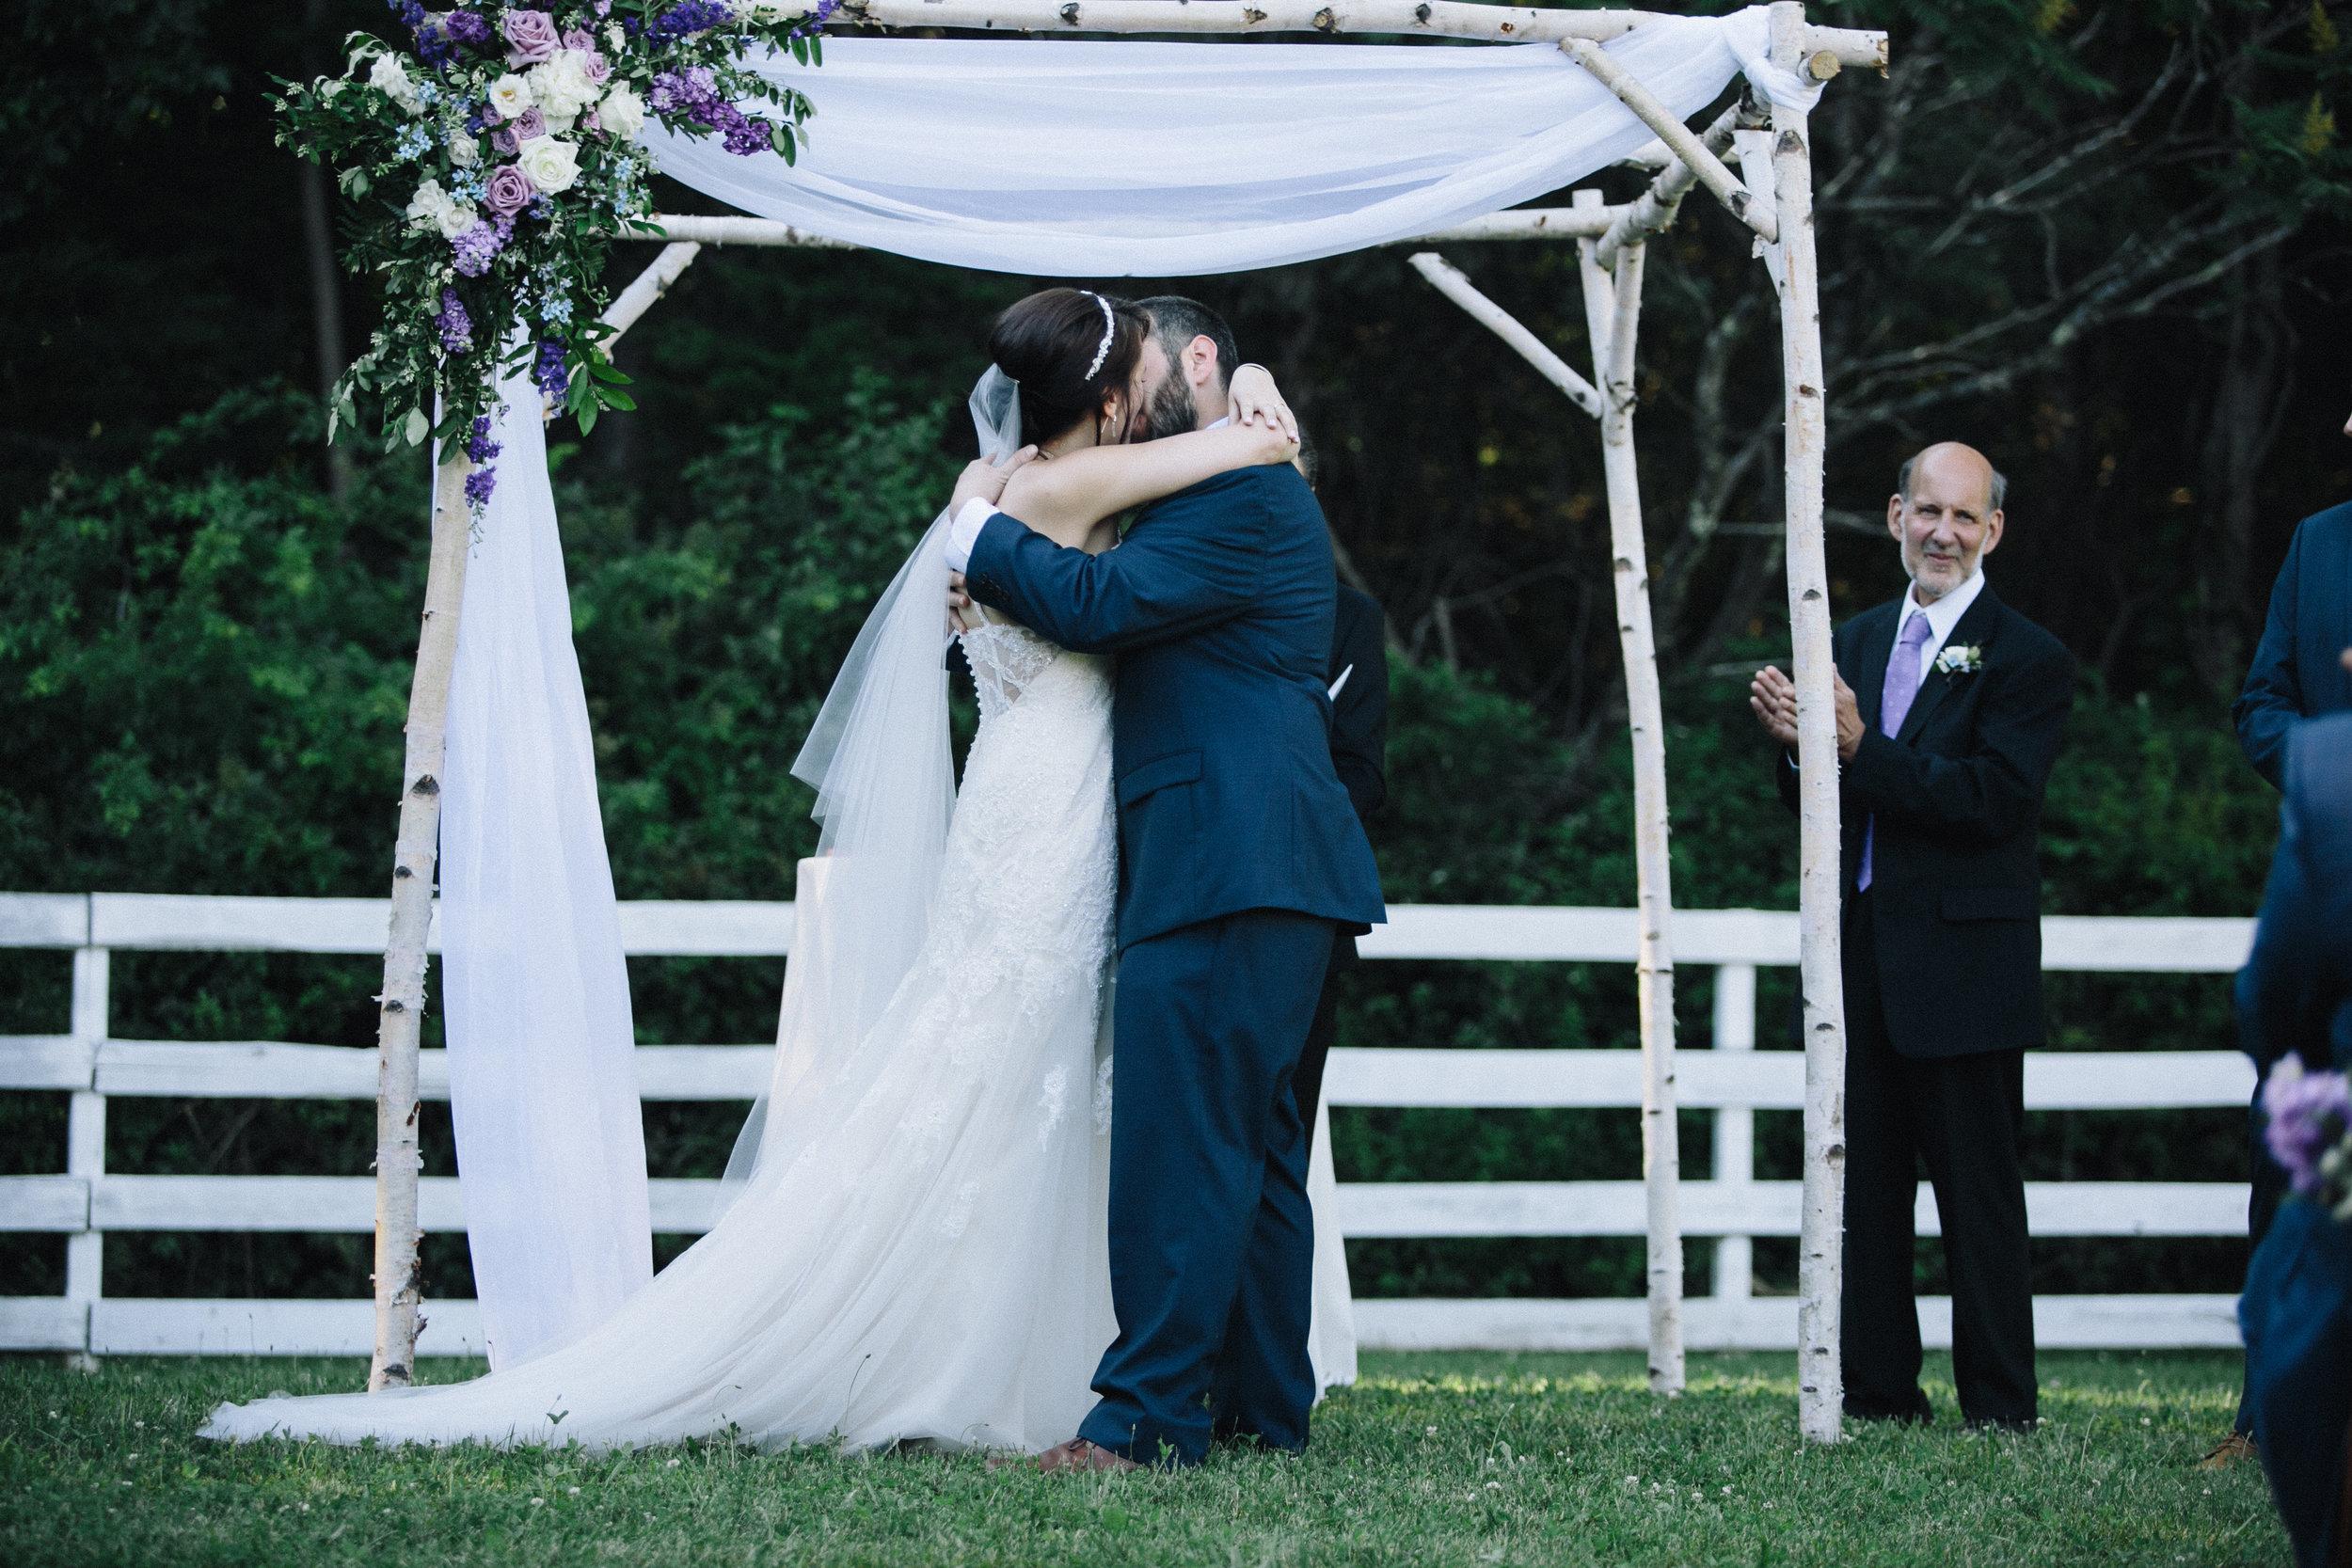 611_Jared_Kristen_wedding.jpg